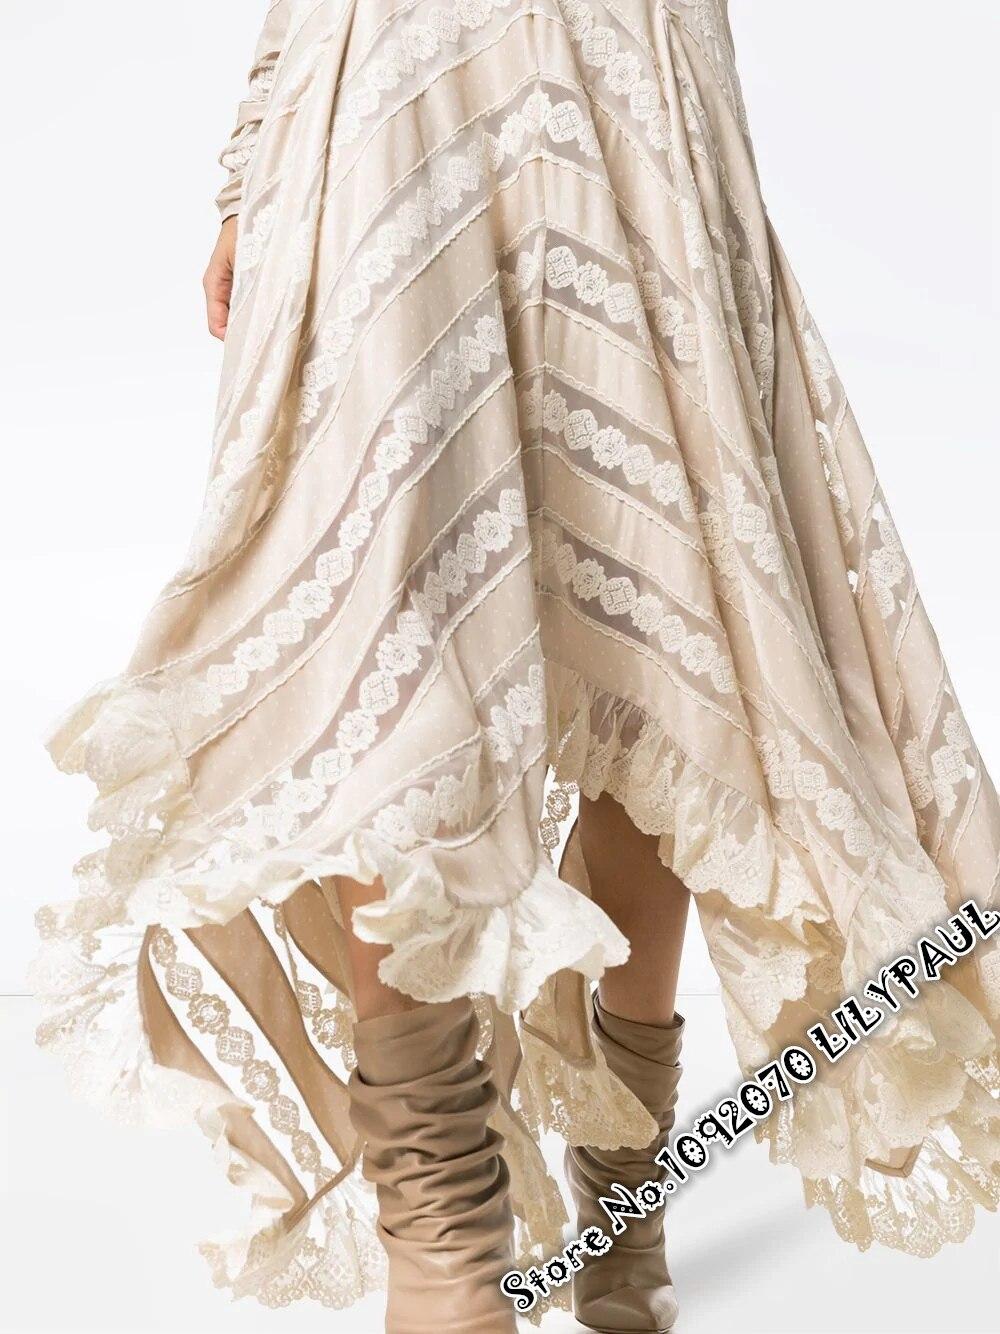 Chevron Dentelle Et Panneau Débridée Ourlet Satin Femmes Asymétrique En Skirt Jupe Guipure Buff Set Avec one PEqf5xRz